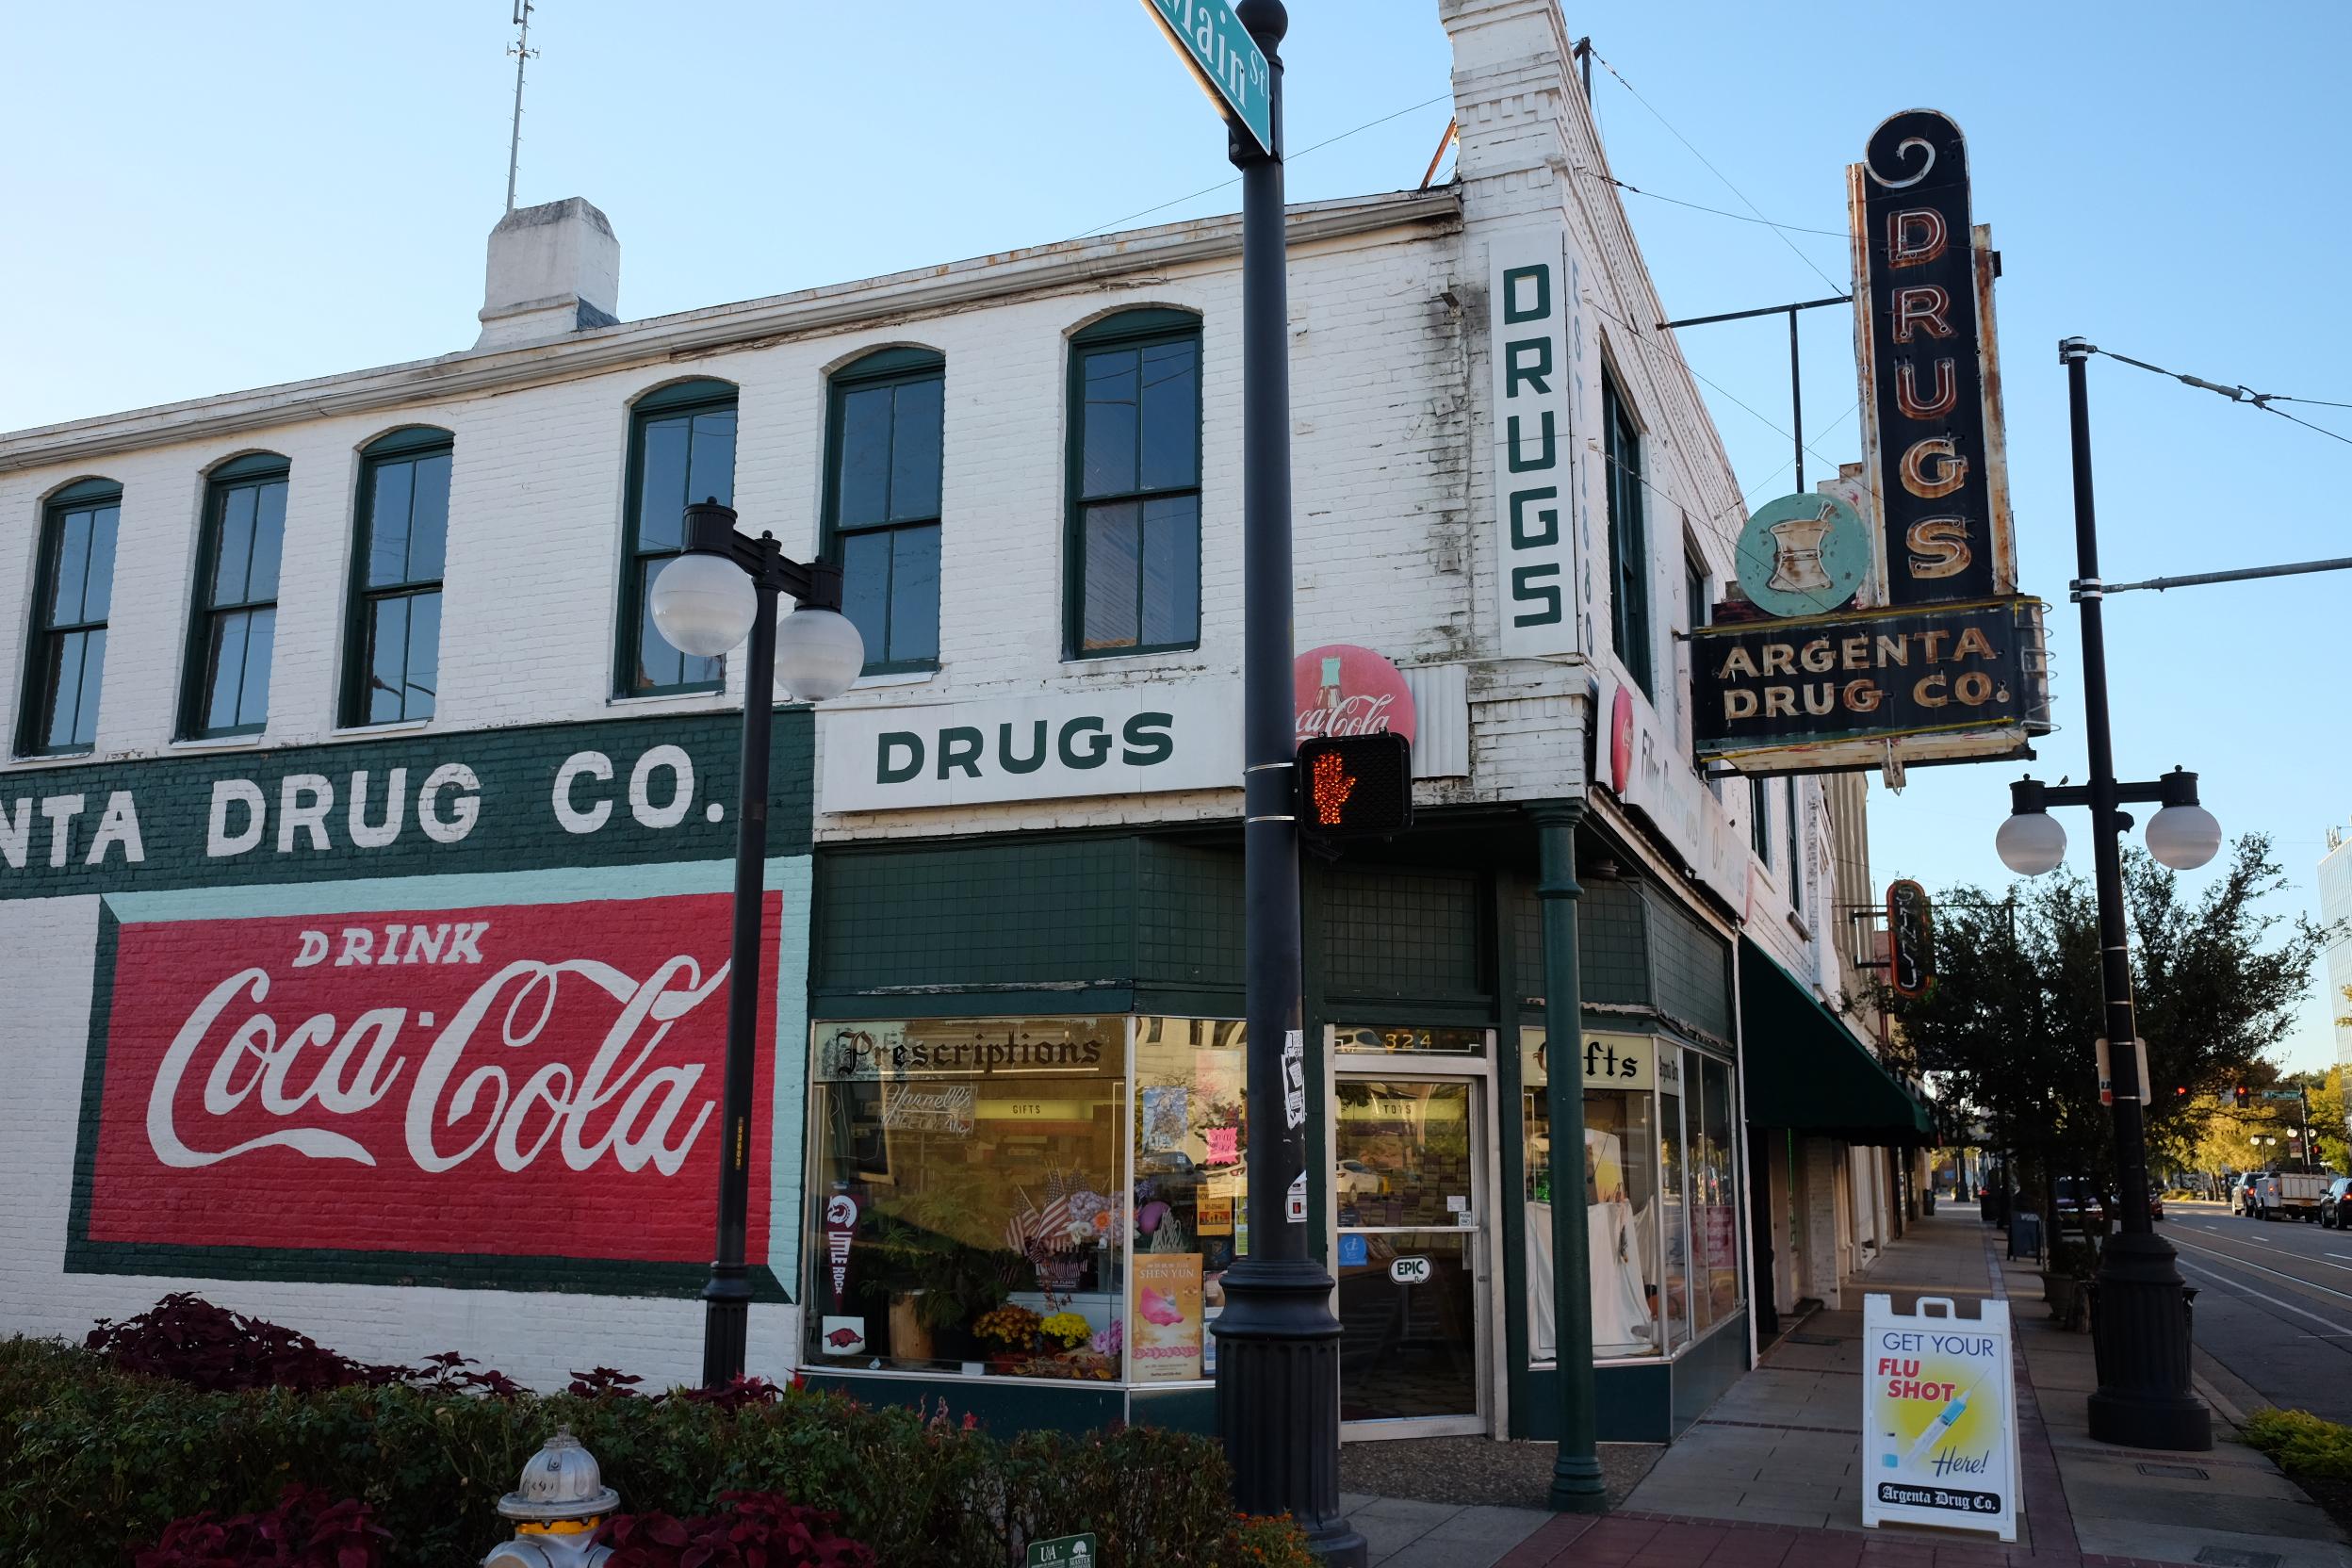 Argenta Drug Co. opened in 1882